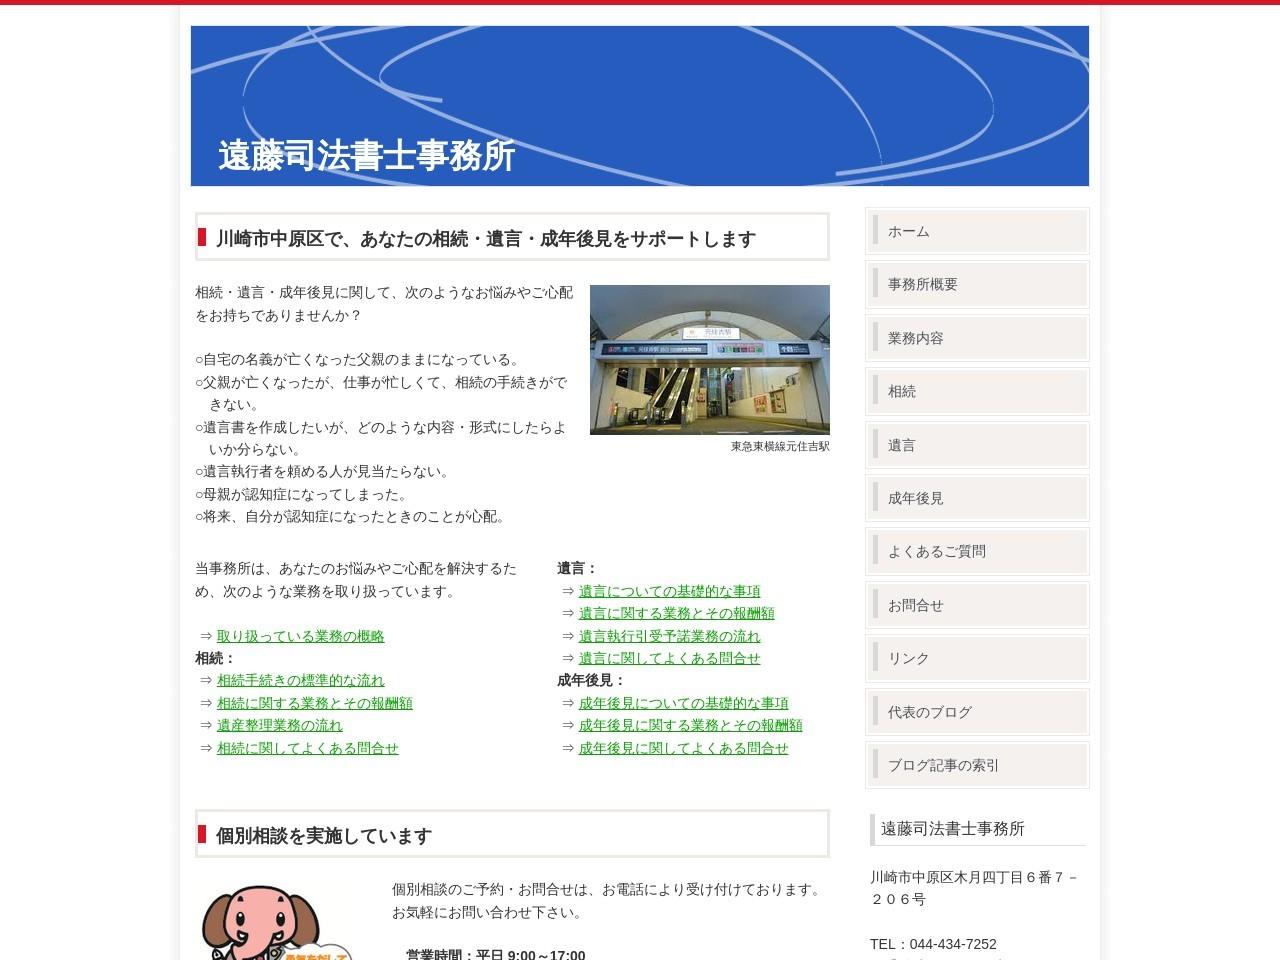 遠藤司法書士事務所